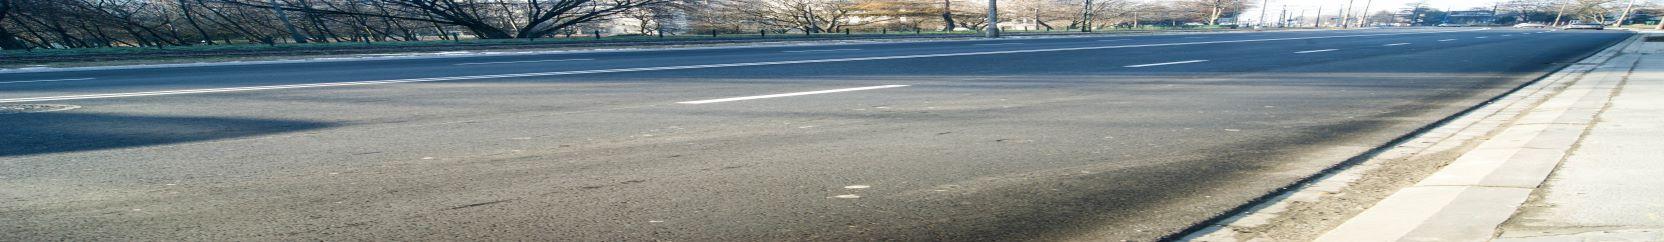 Zdjęcie Wykaz dróg publicznych